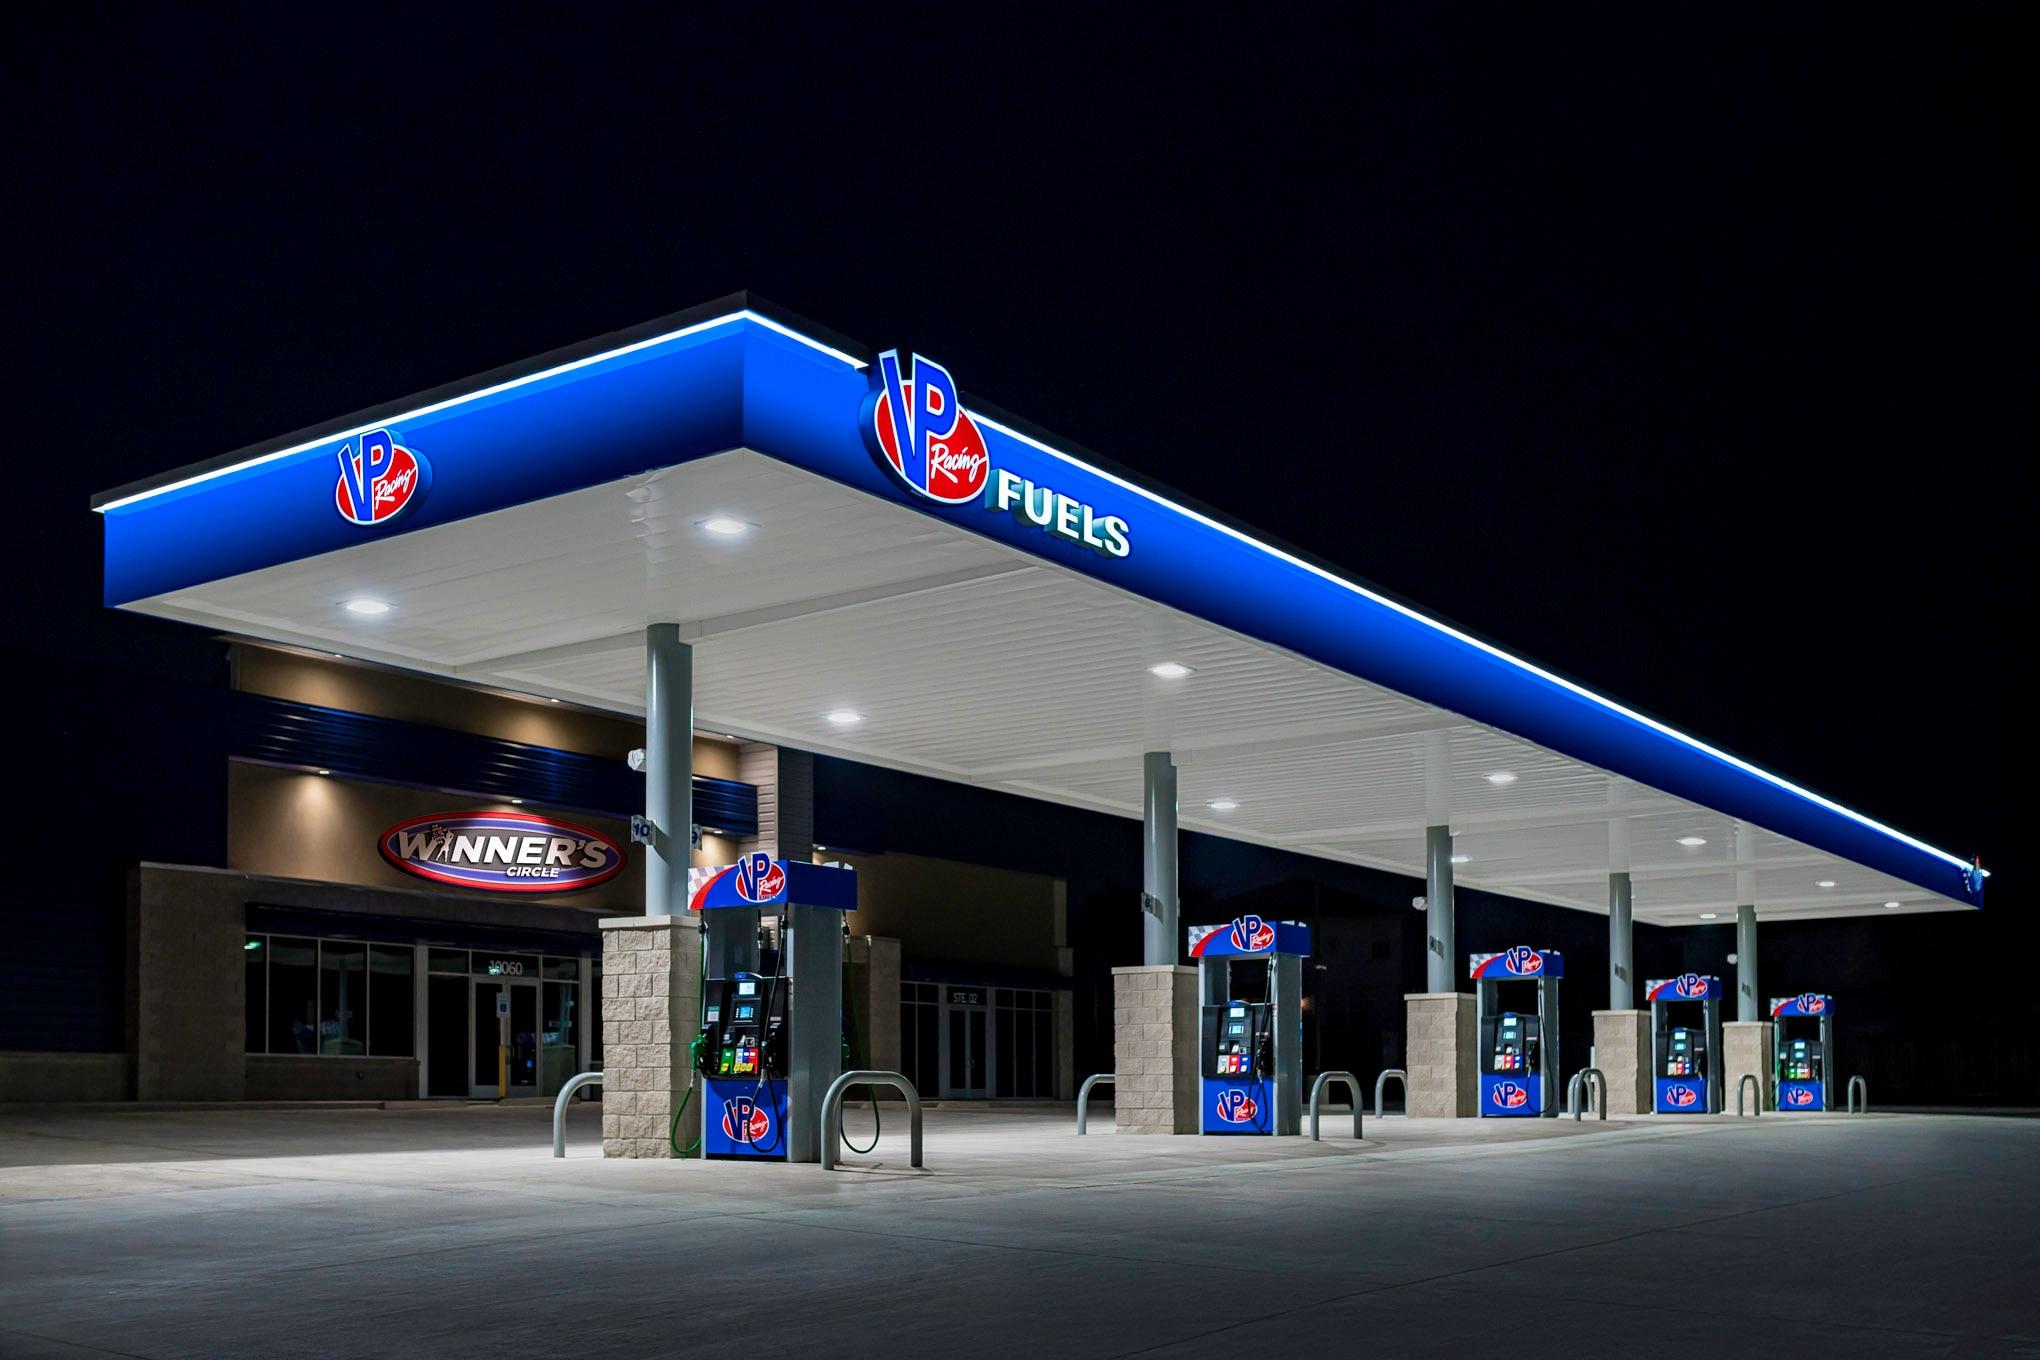 Vp Branded Gas Station